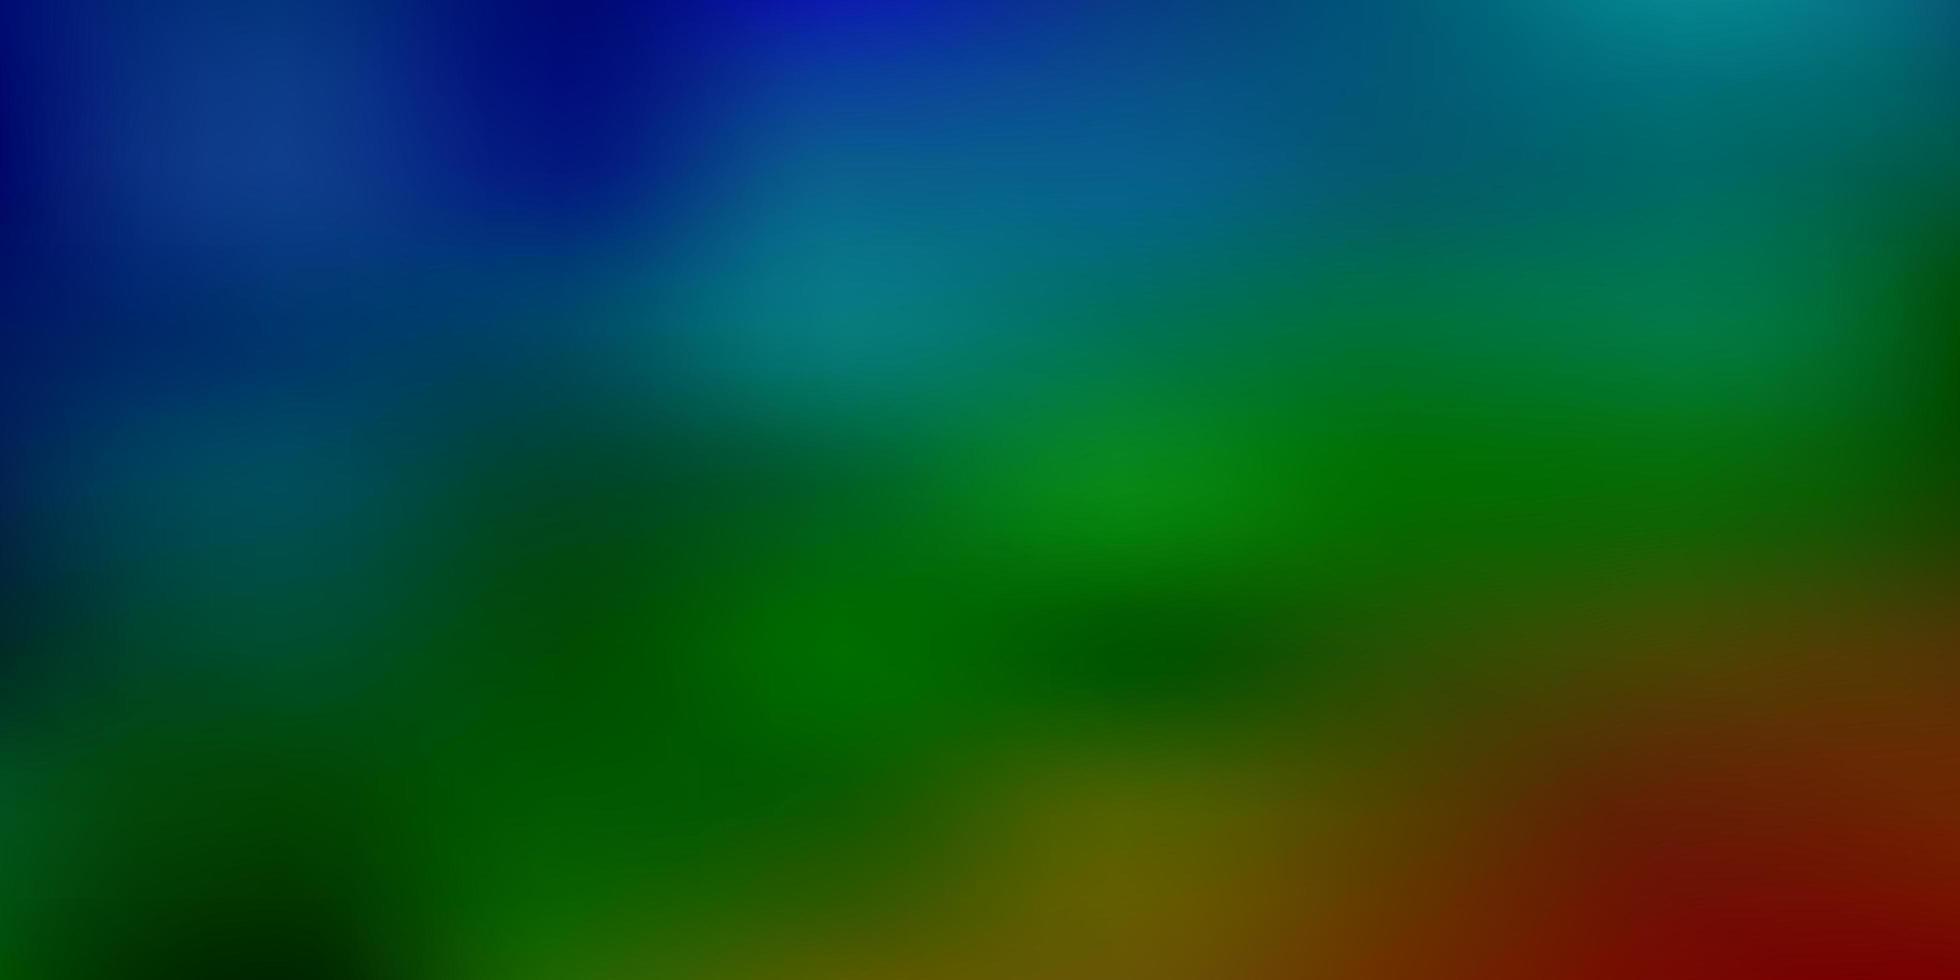 dunkle mehrfarbige Vektorunschärfe-Schablone. vektor